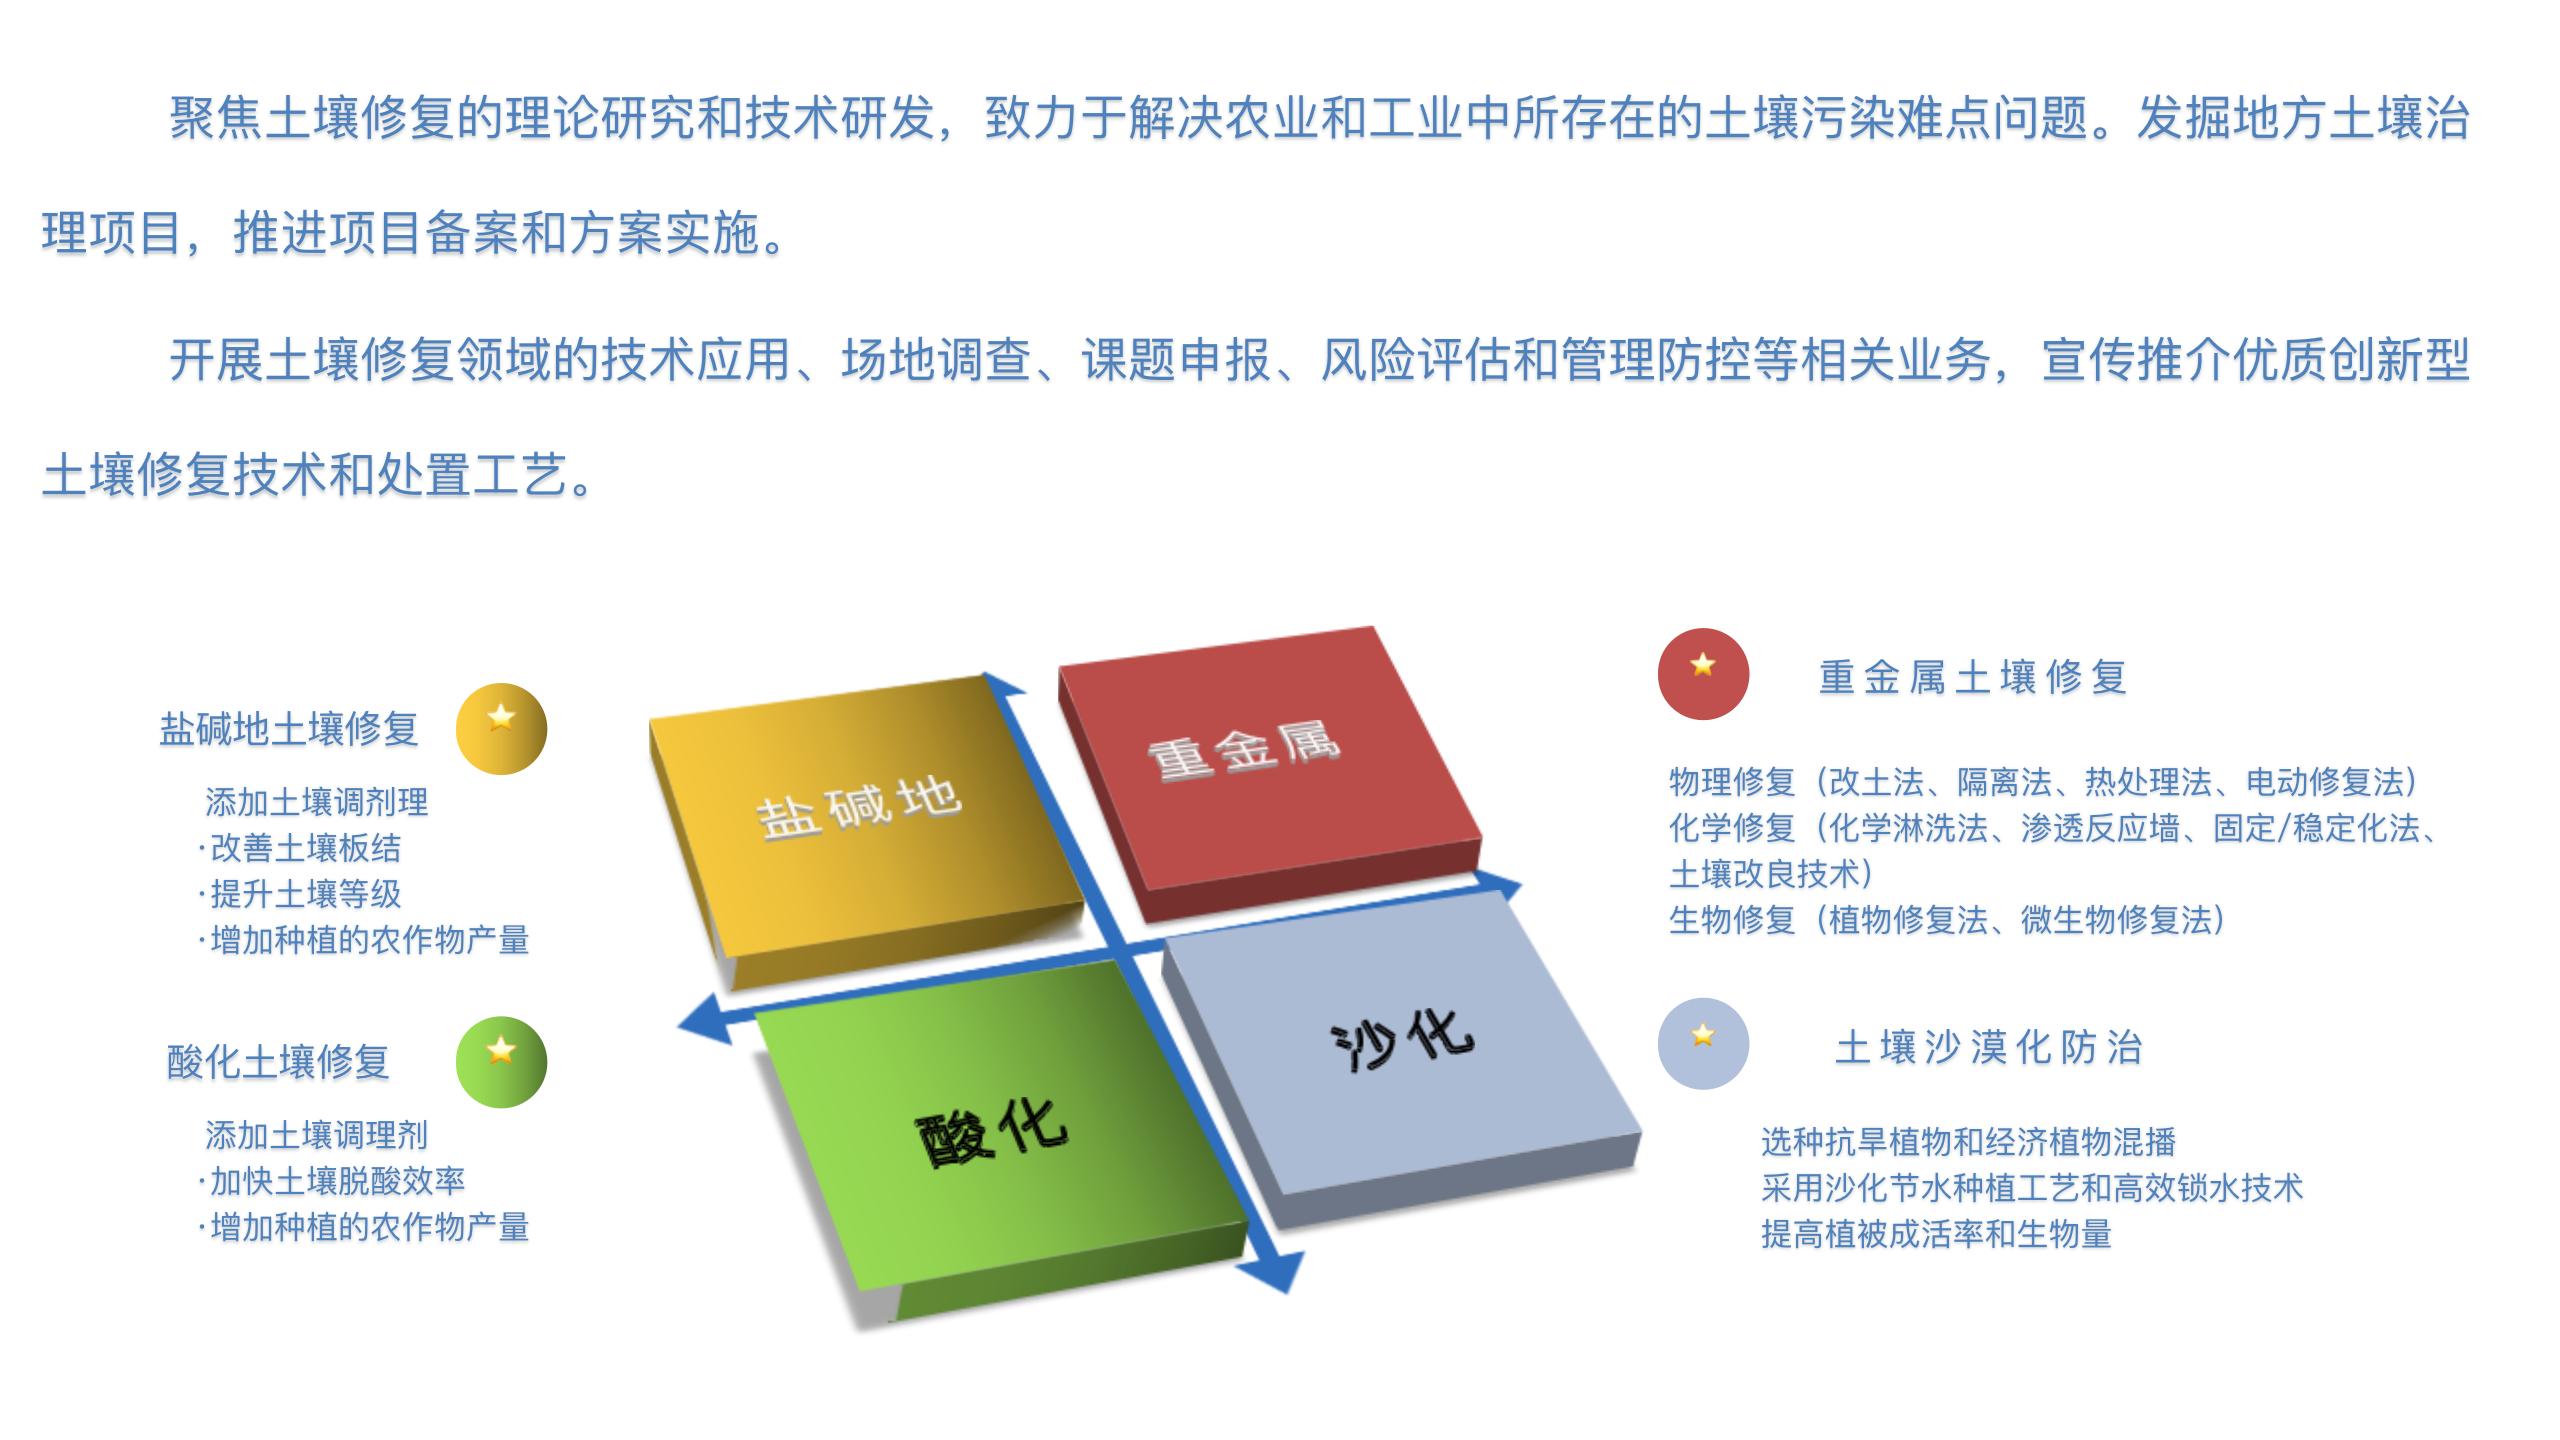 新增加中心介绍2021.2.2(1)_02